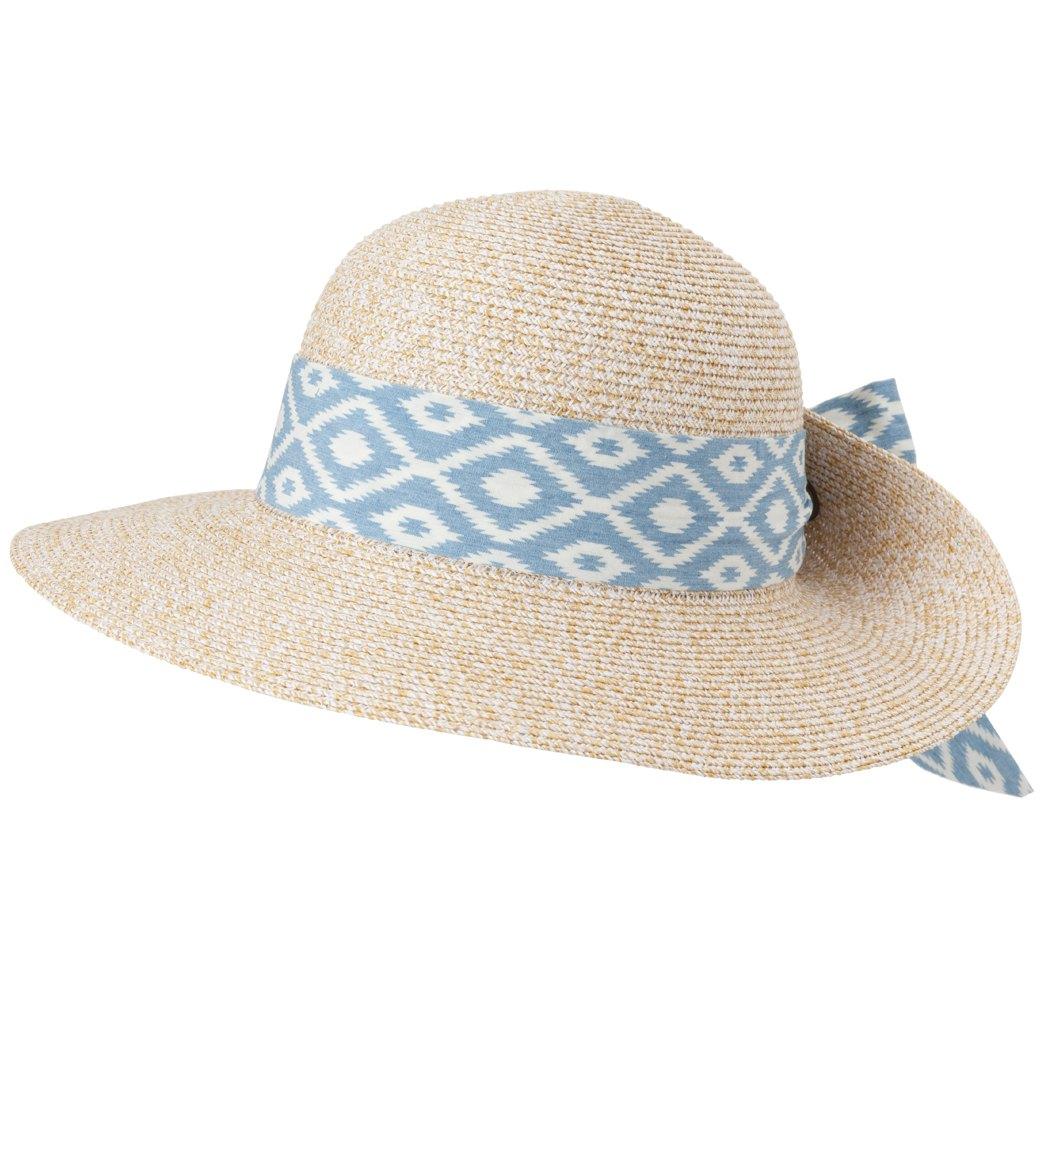 32ec7526 Sun N Sand Women's Paper Braid Blue Stone Hat at SwimOutlet.com